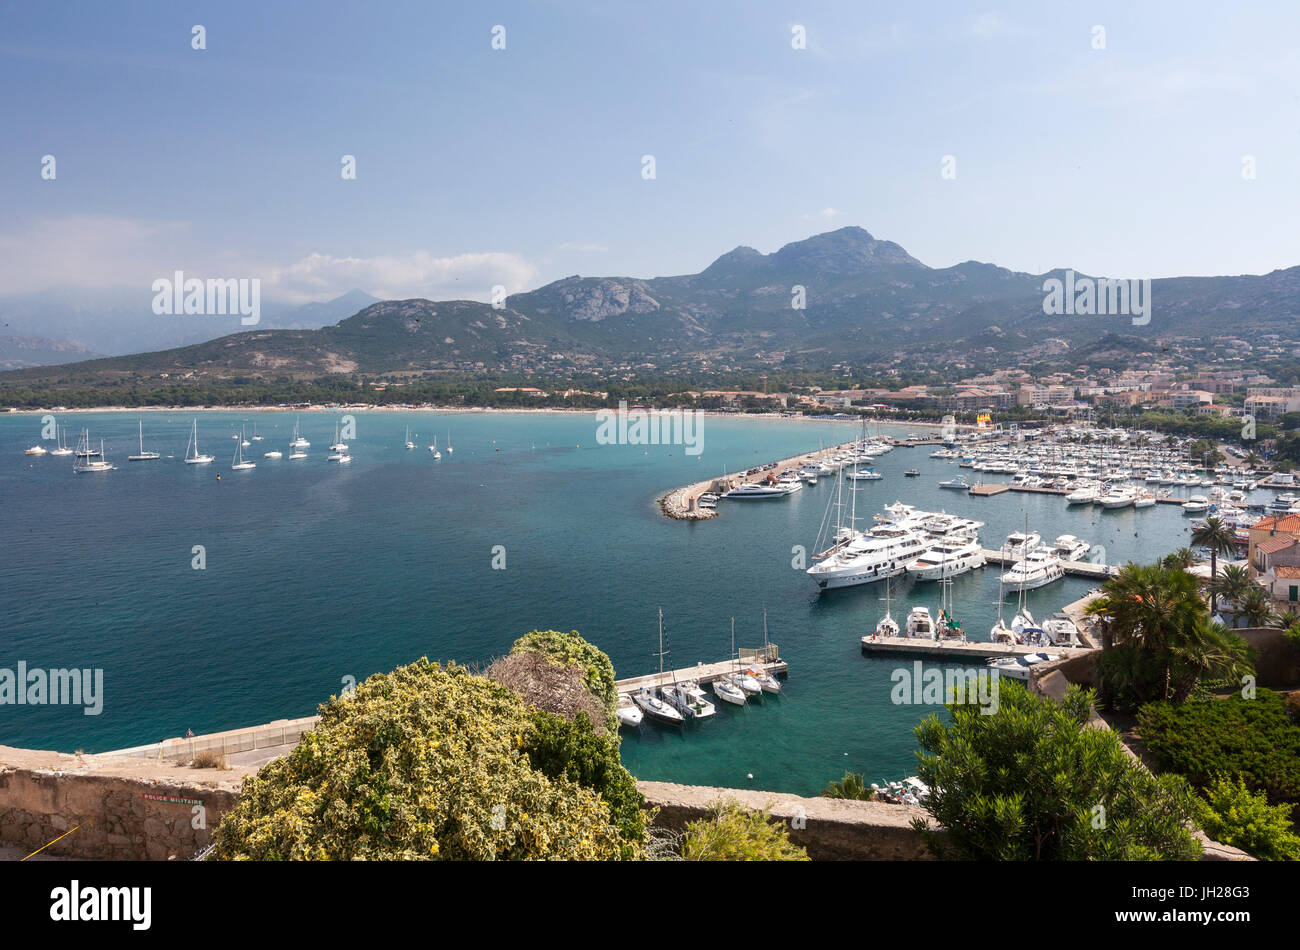 Vue sur le port dans la baie entouré par les eaux turquoises de la mer, Calvi, Balagne, au nord-ouest de la Photo Stock